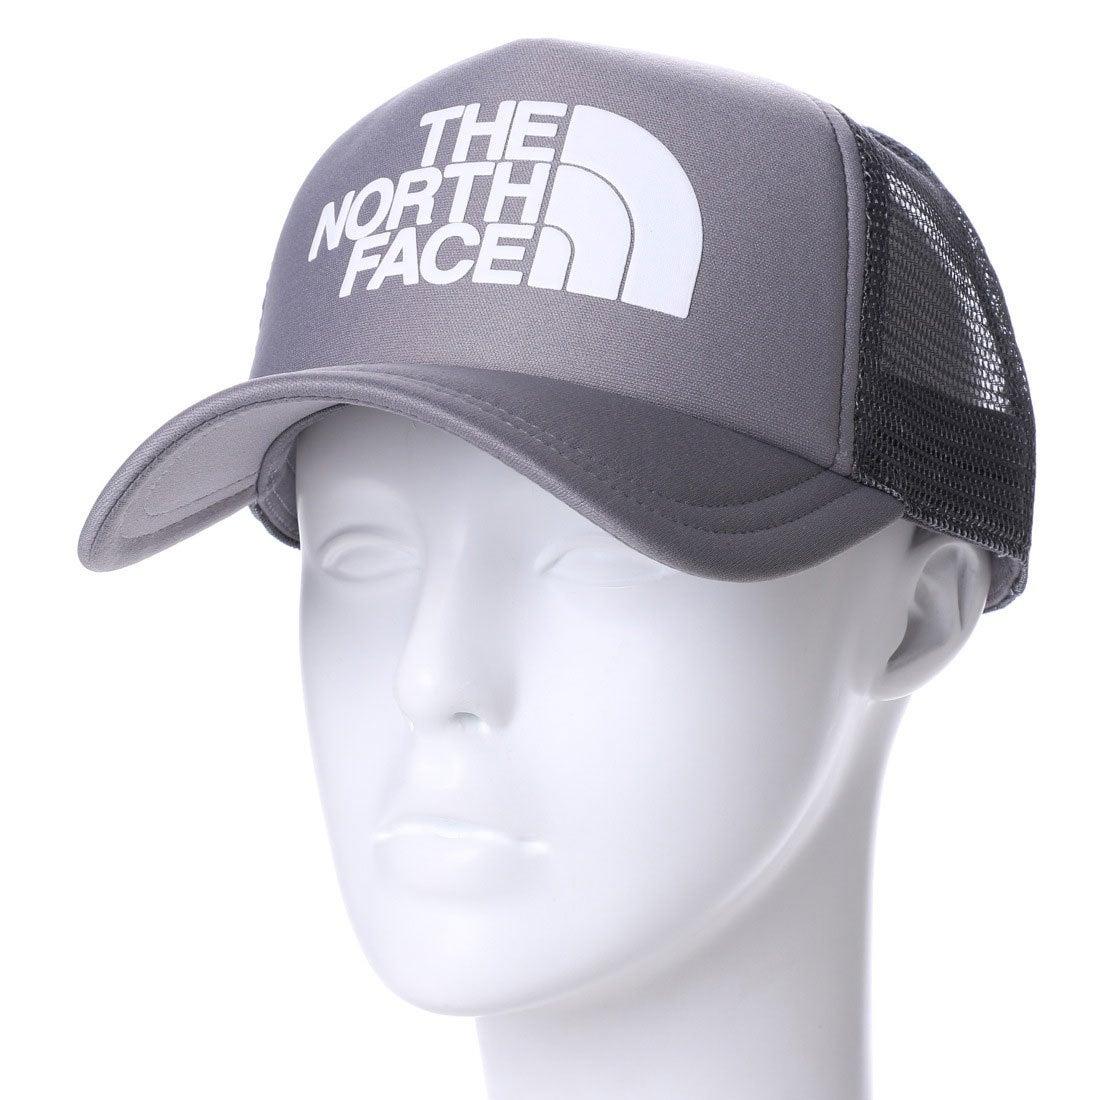 ザ ノース フェイス THE NORTH FACE ユニセックス トレッキング 帽子 LOGO MESH CAP NN01452 レディース